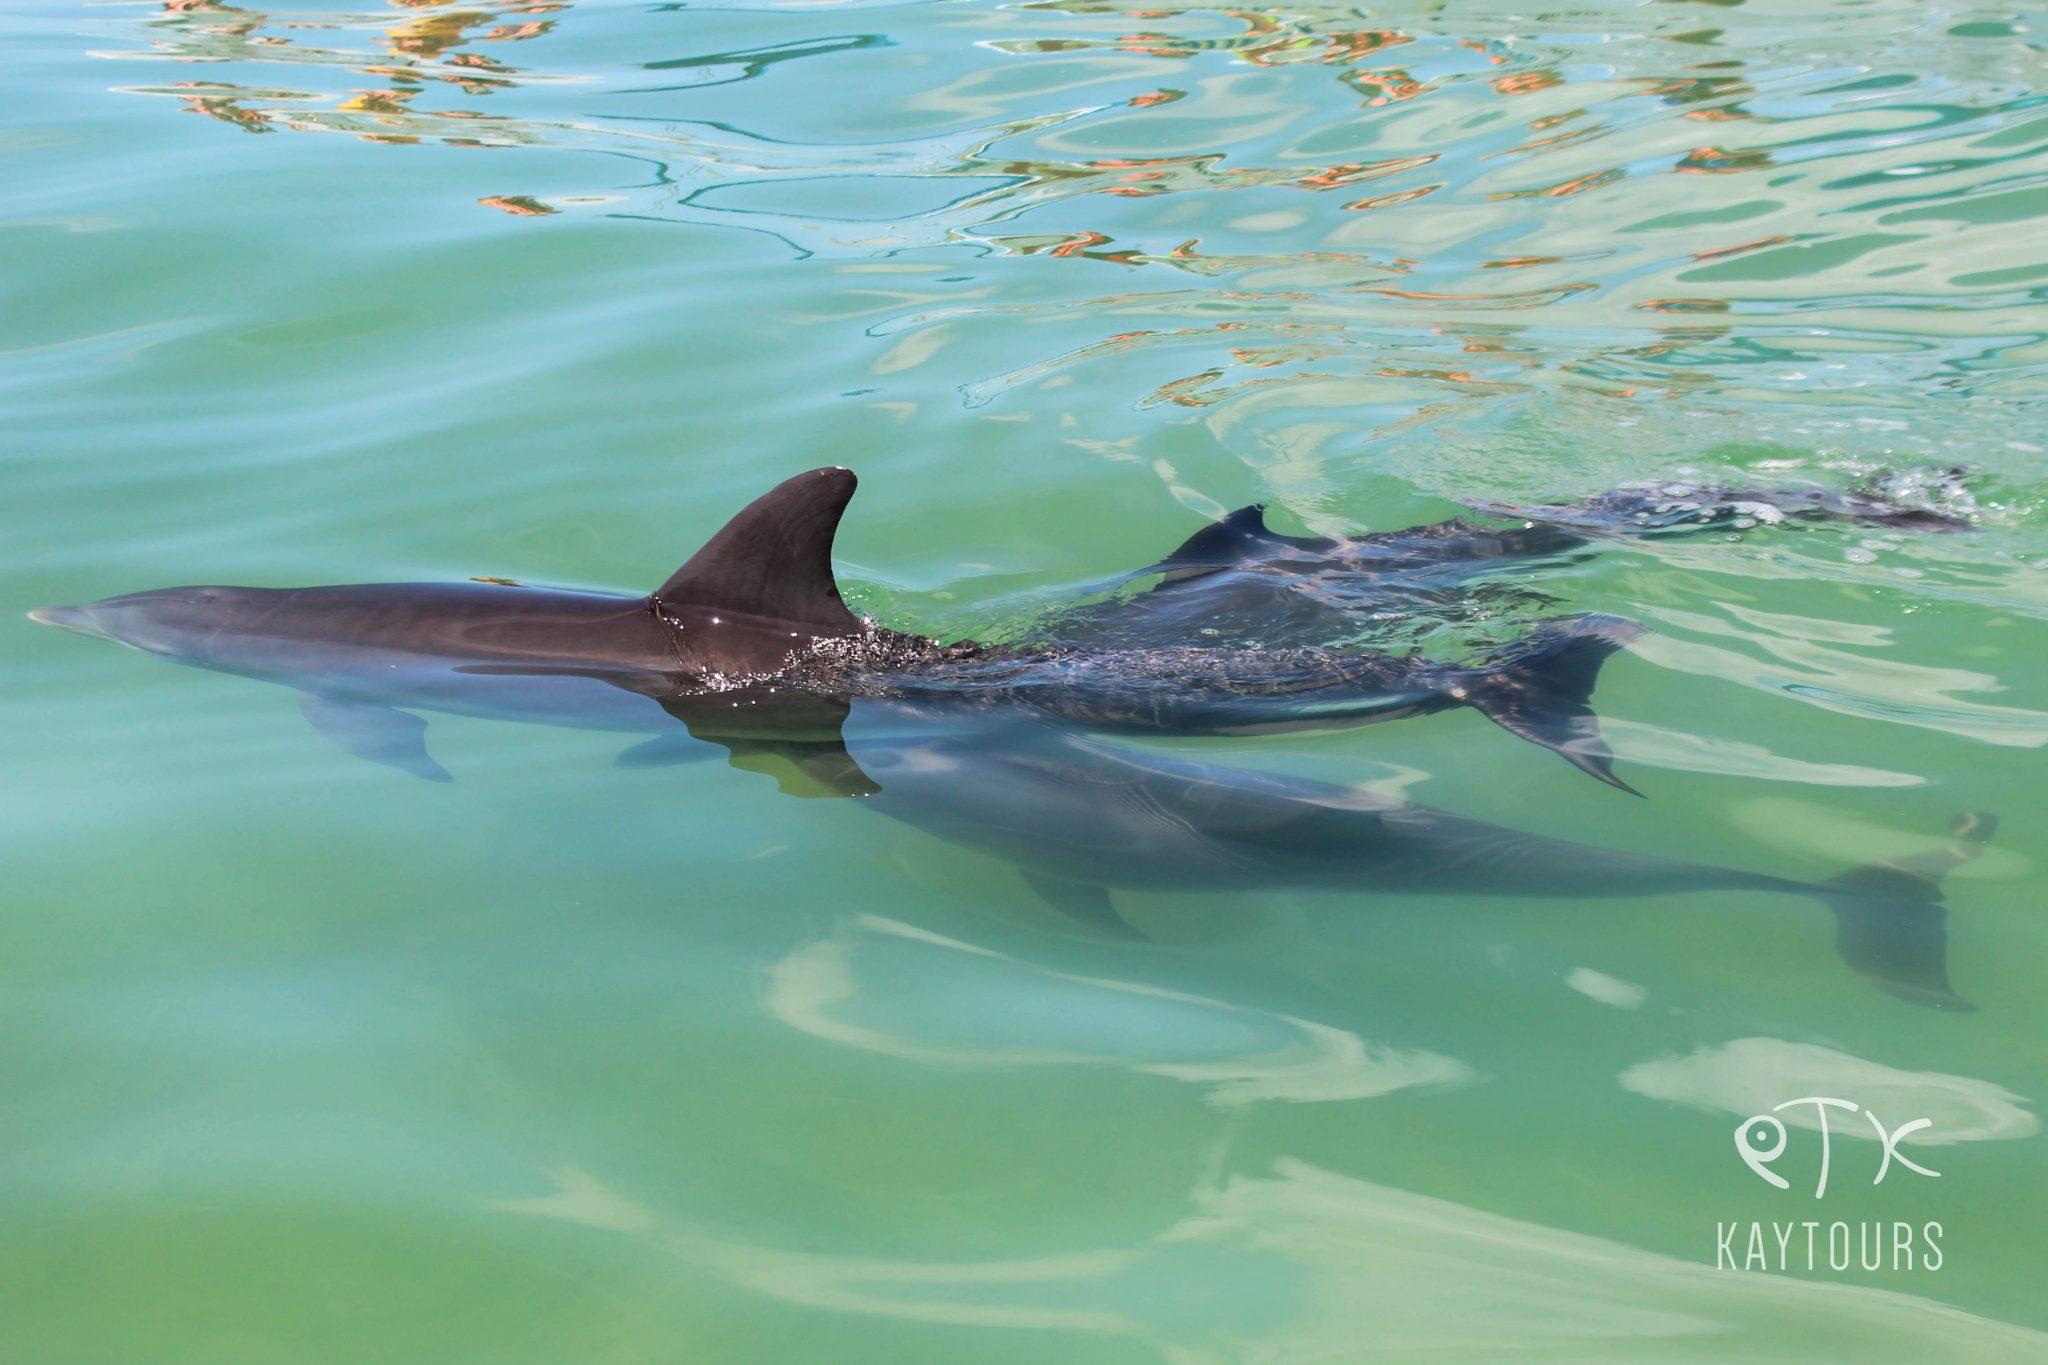 Sian Ka'an dolphin